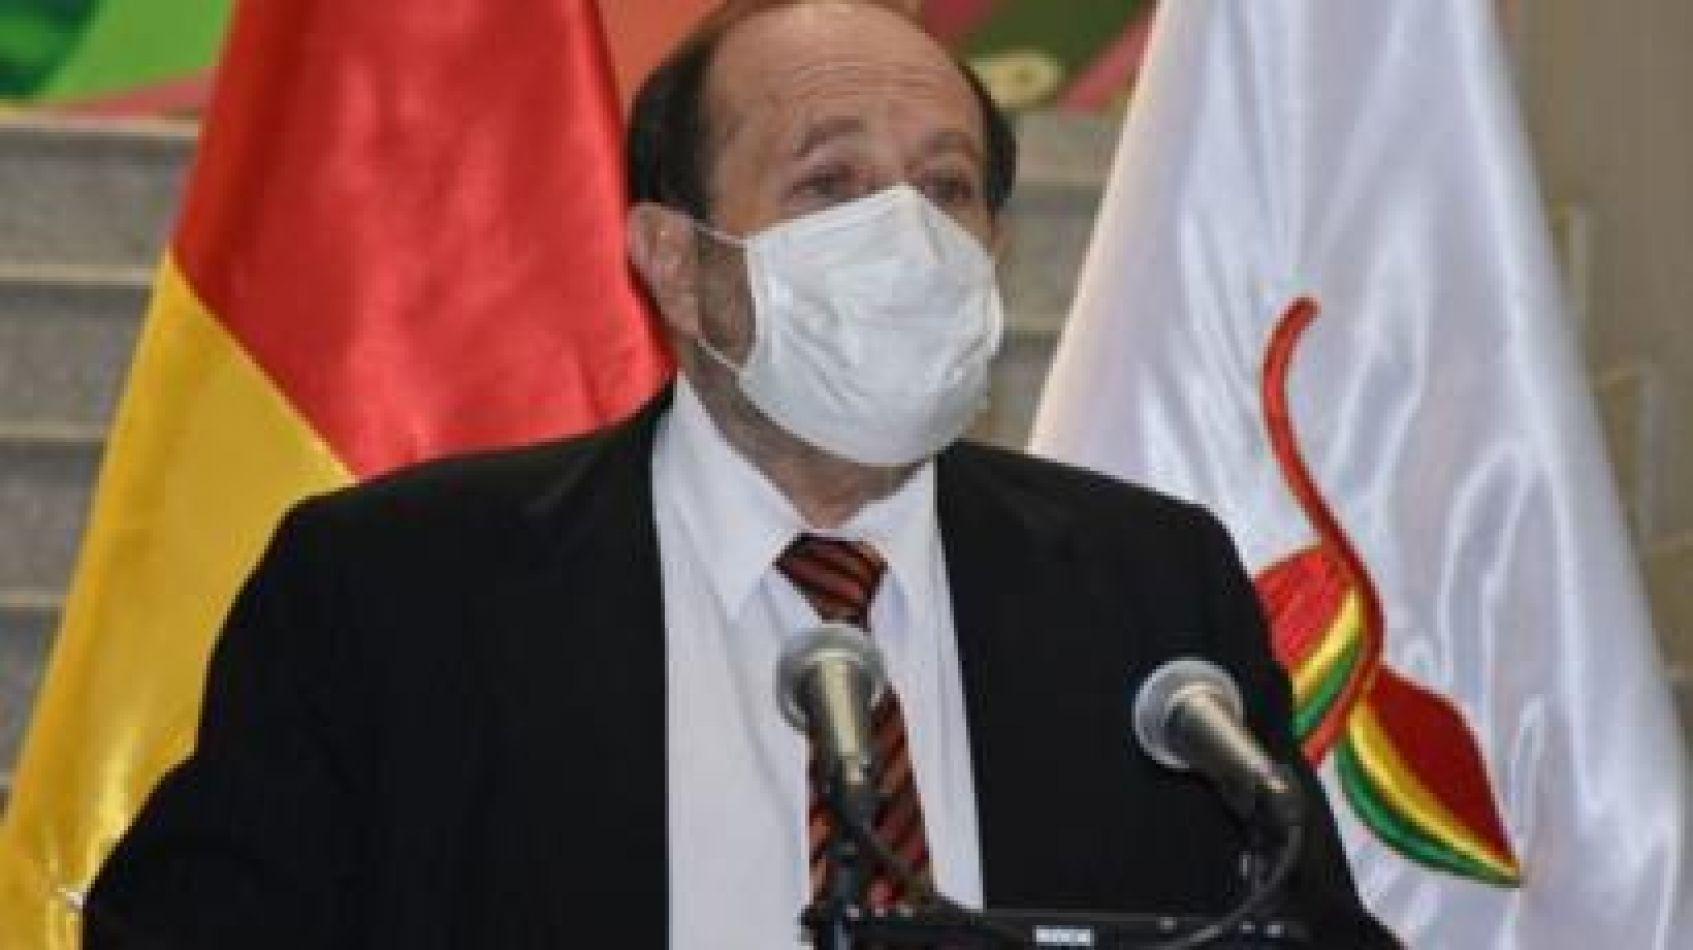 Detuvieron al Ministro de Salud de Bolivia por compras de respiradores con sobreprecios